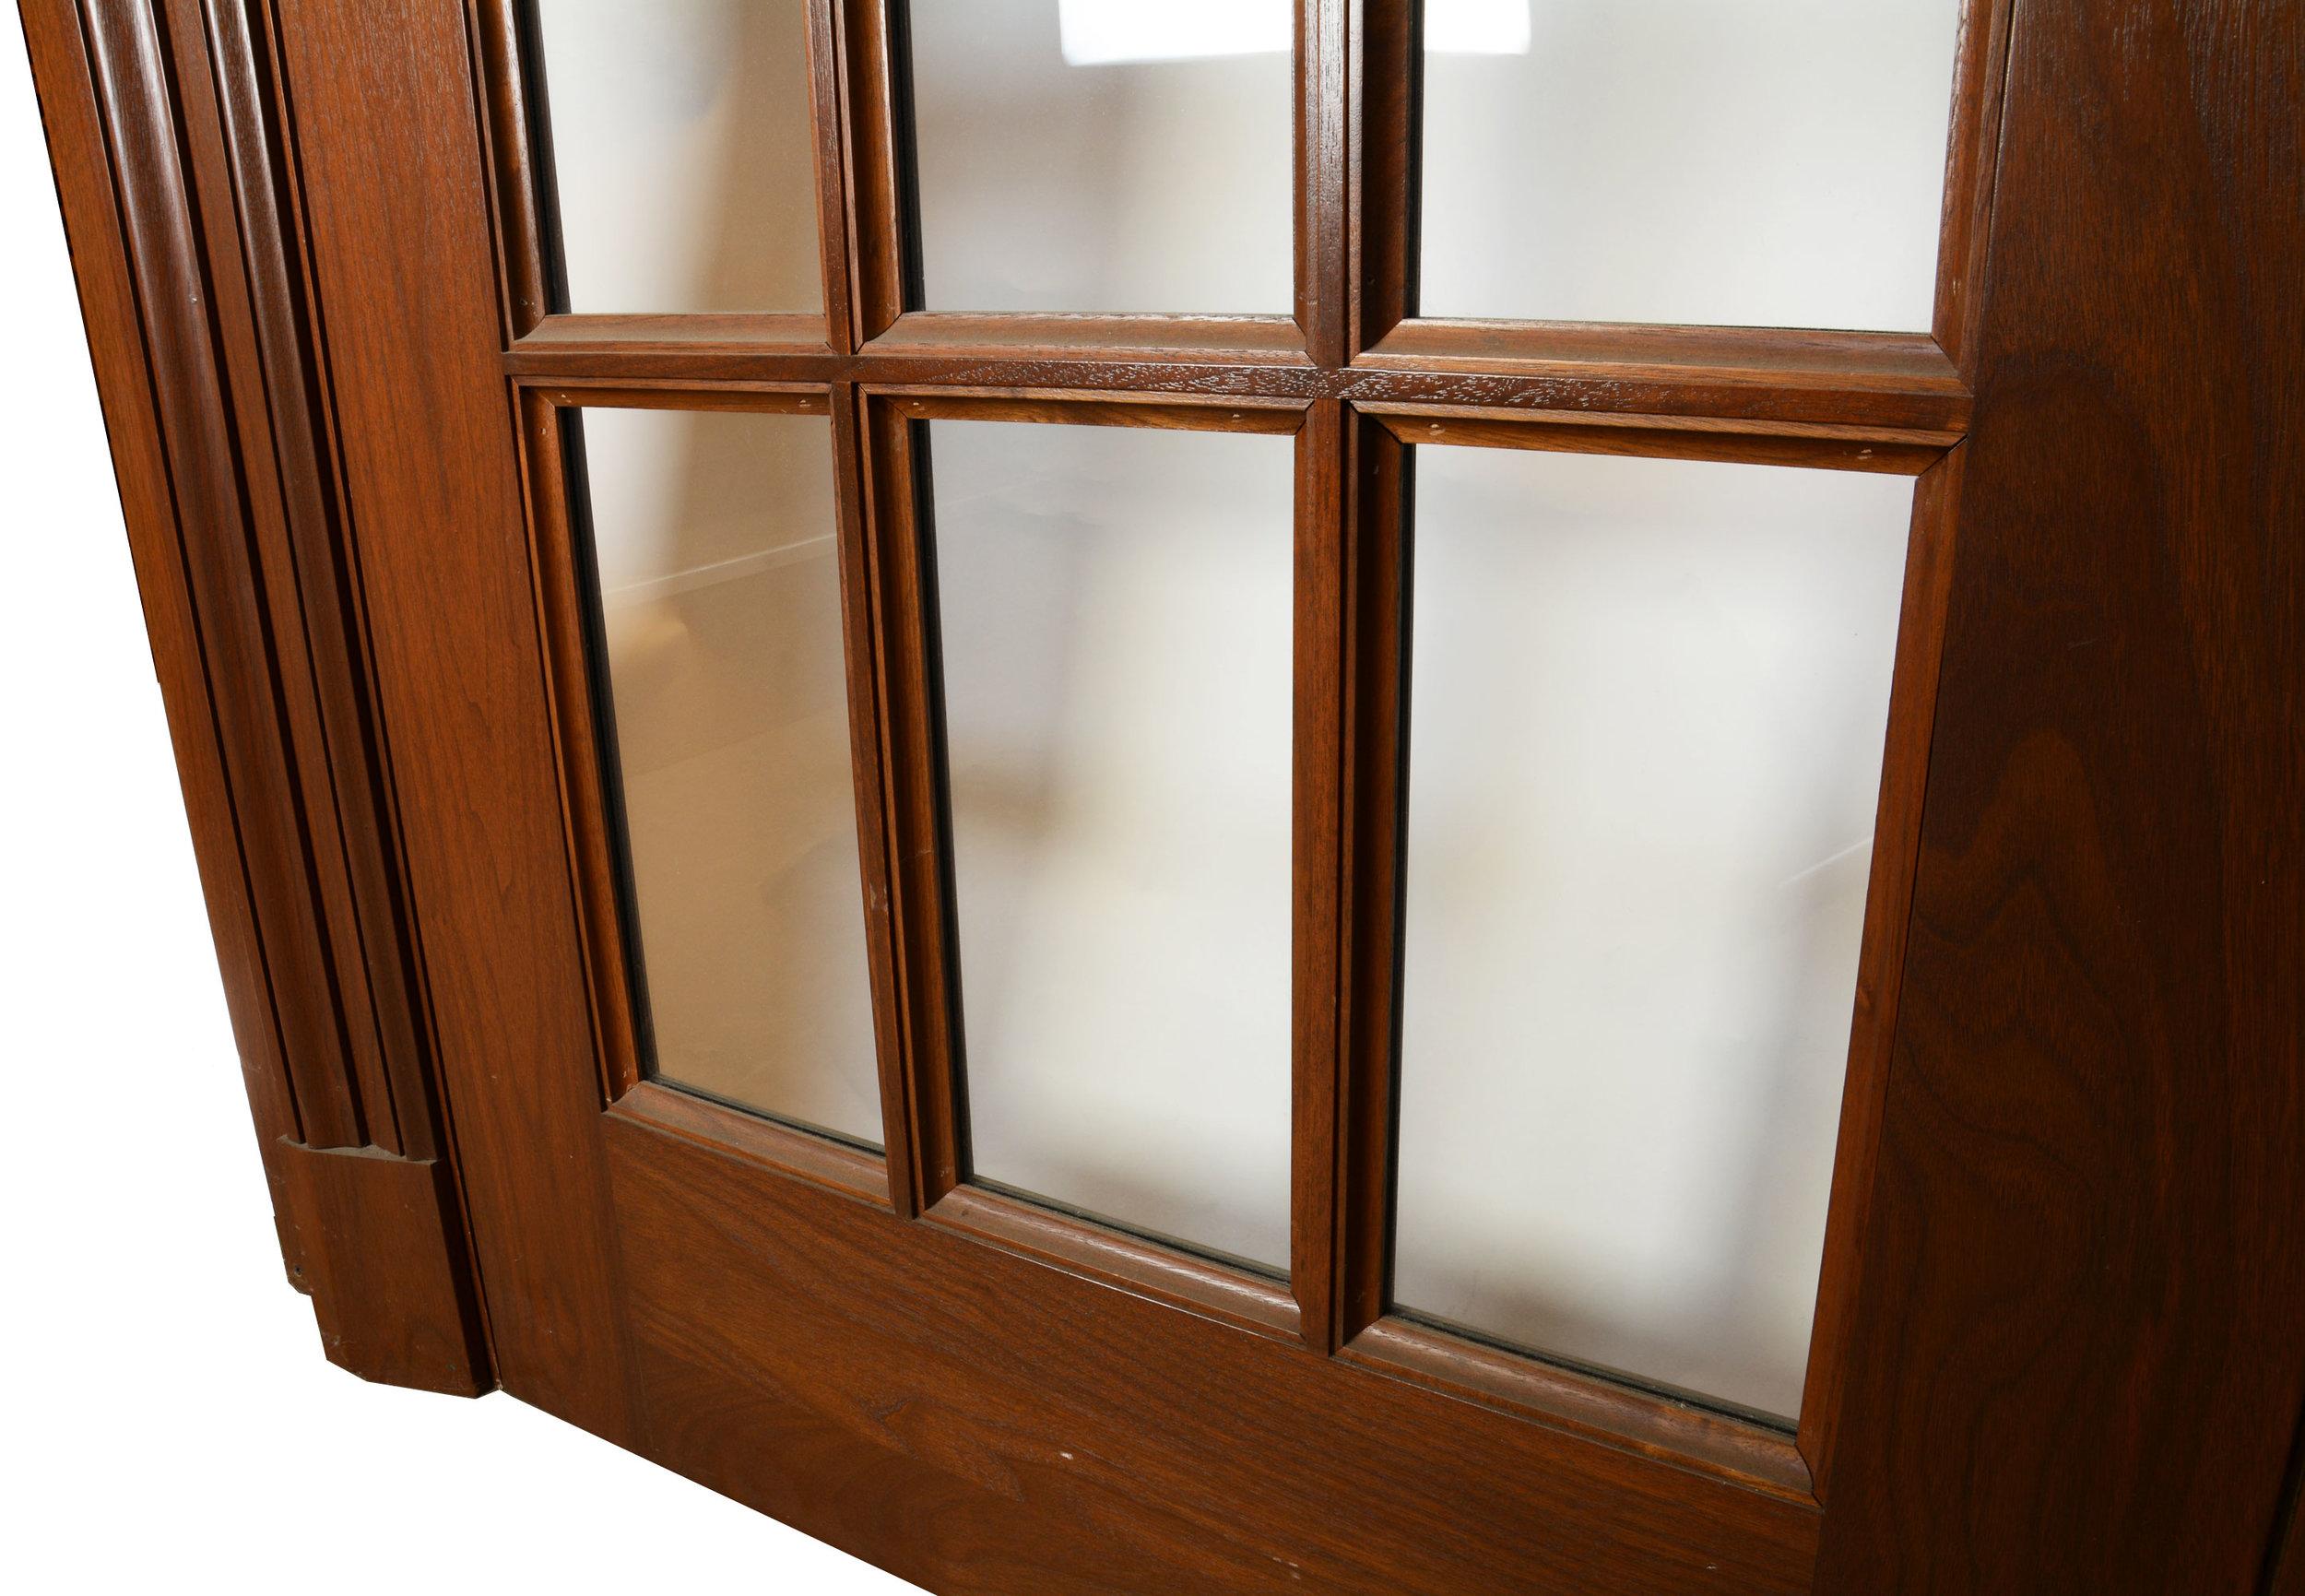 42266-walnut-french-window-door-SO-MUCH-DETAIL.jpg